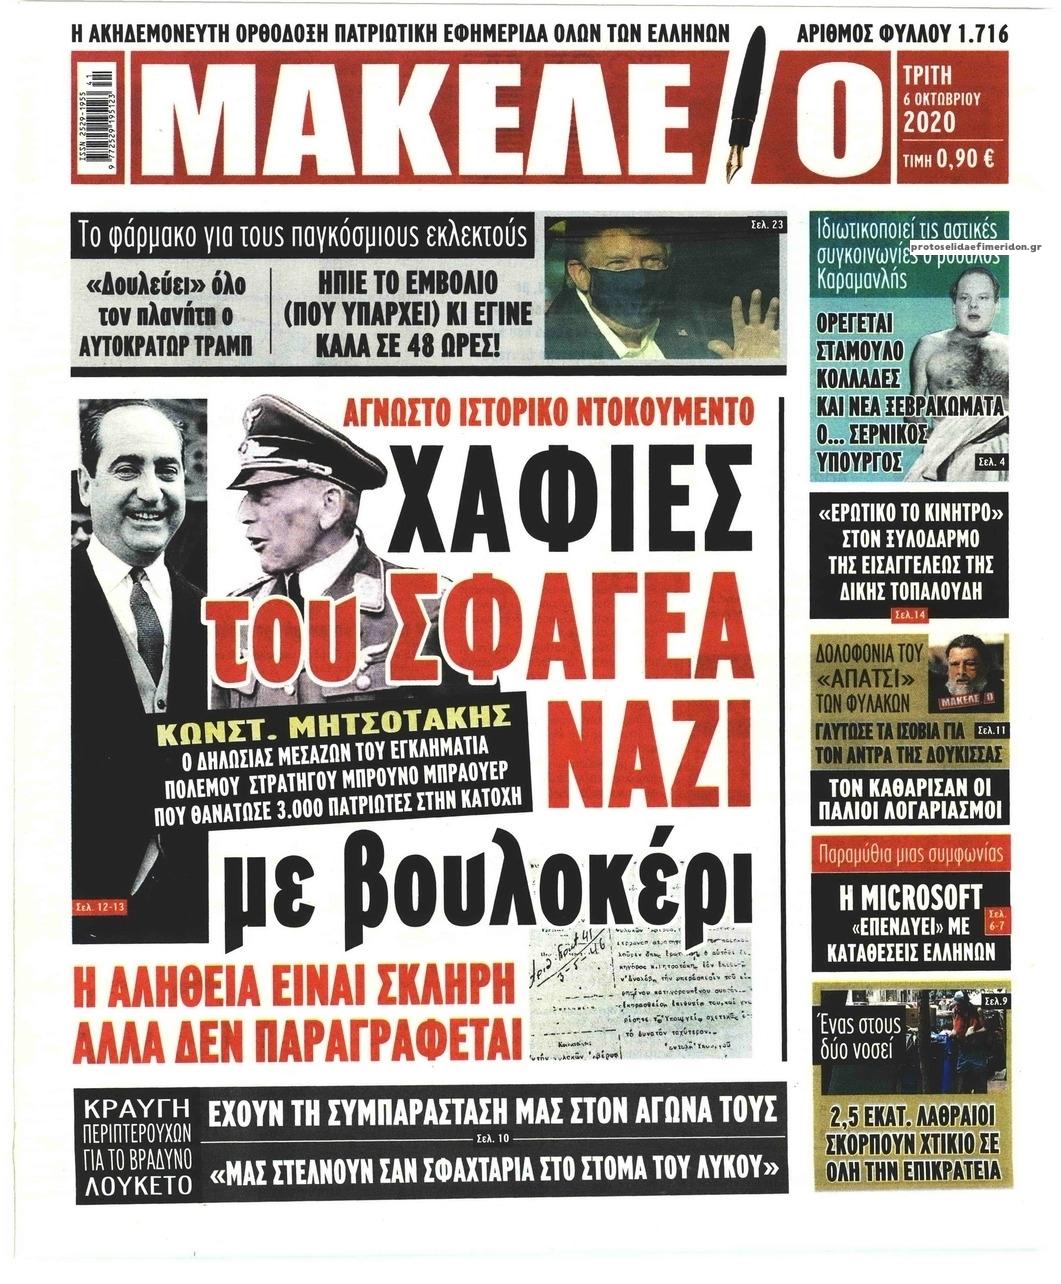 Πρωτοσέλιδο εφημερίδας Μακελειό